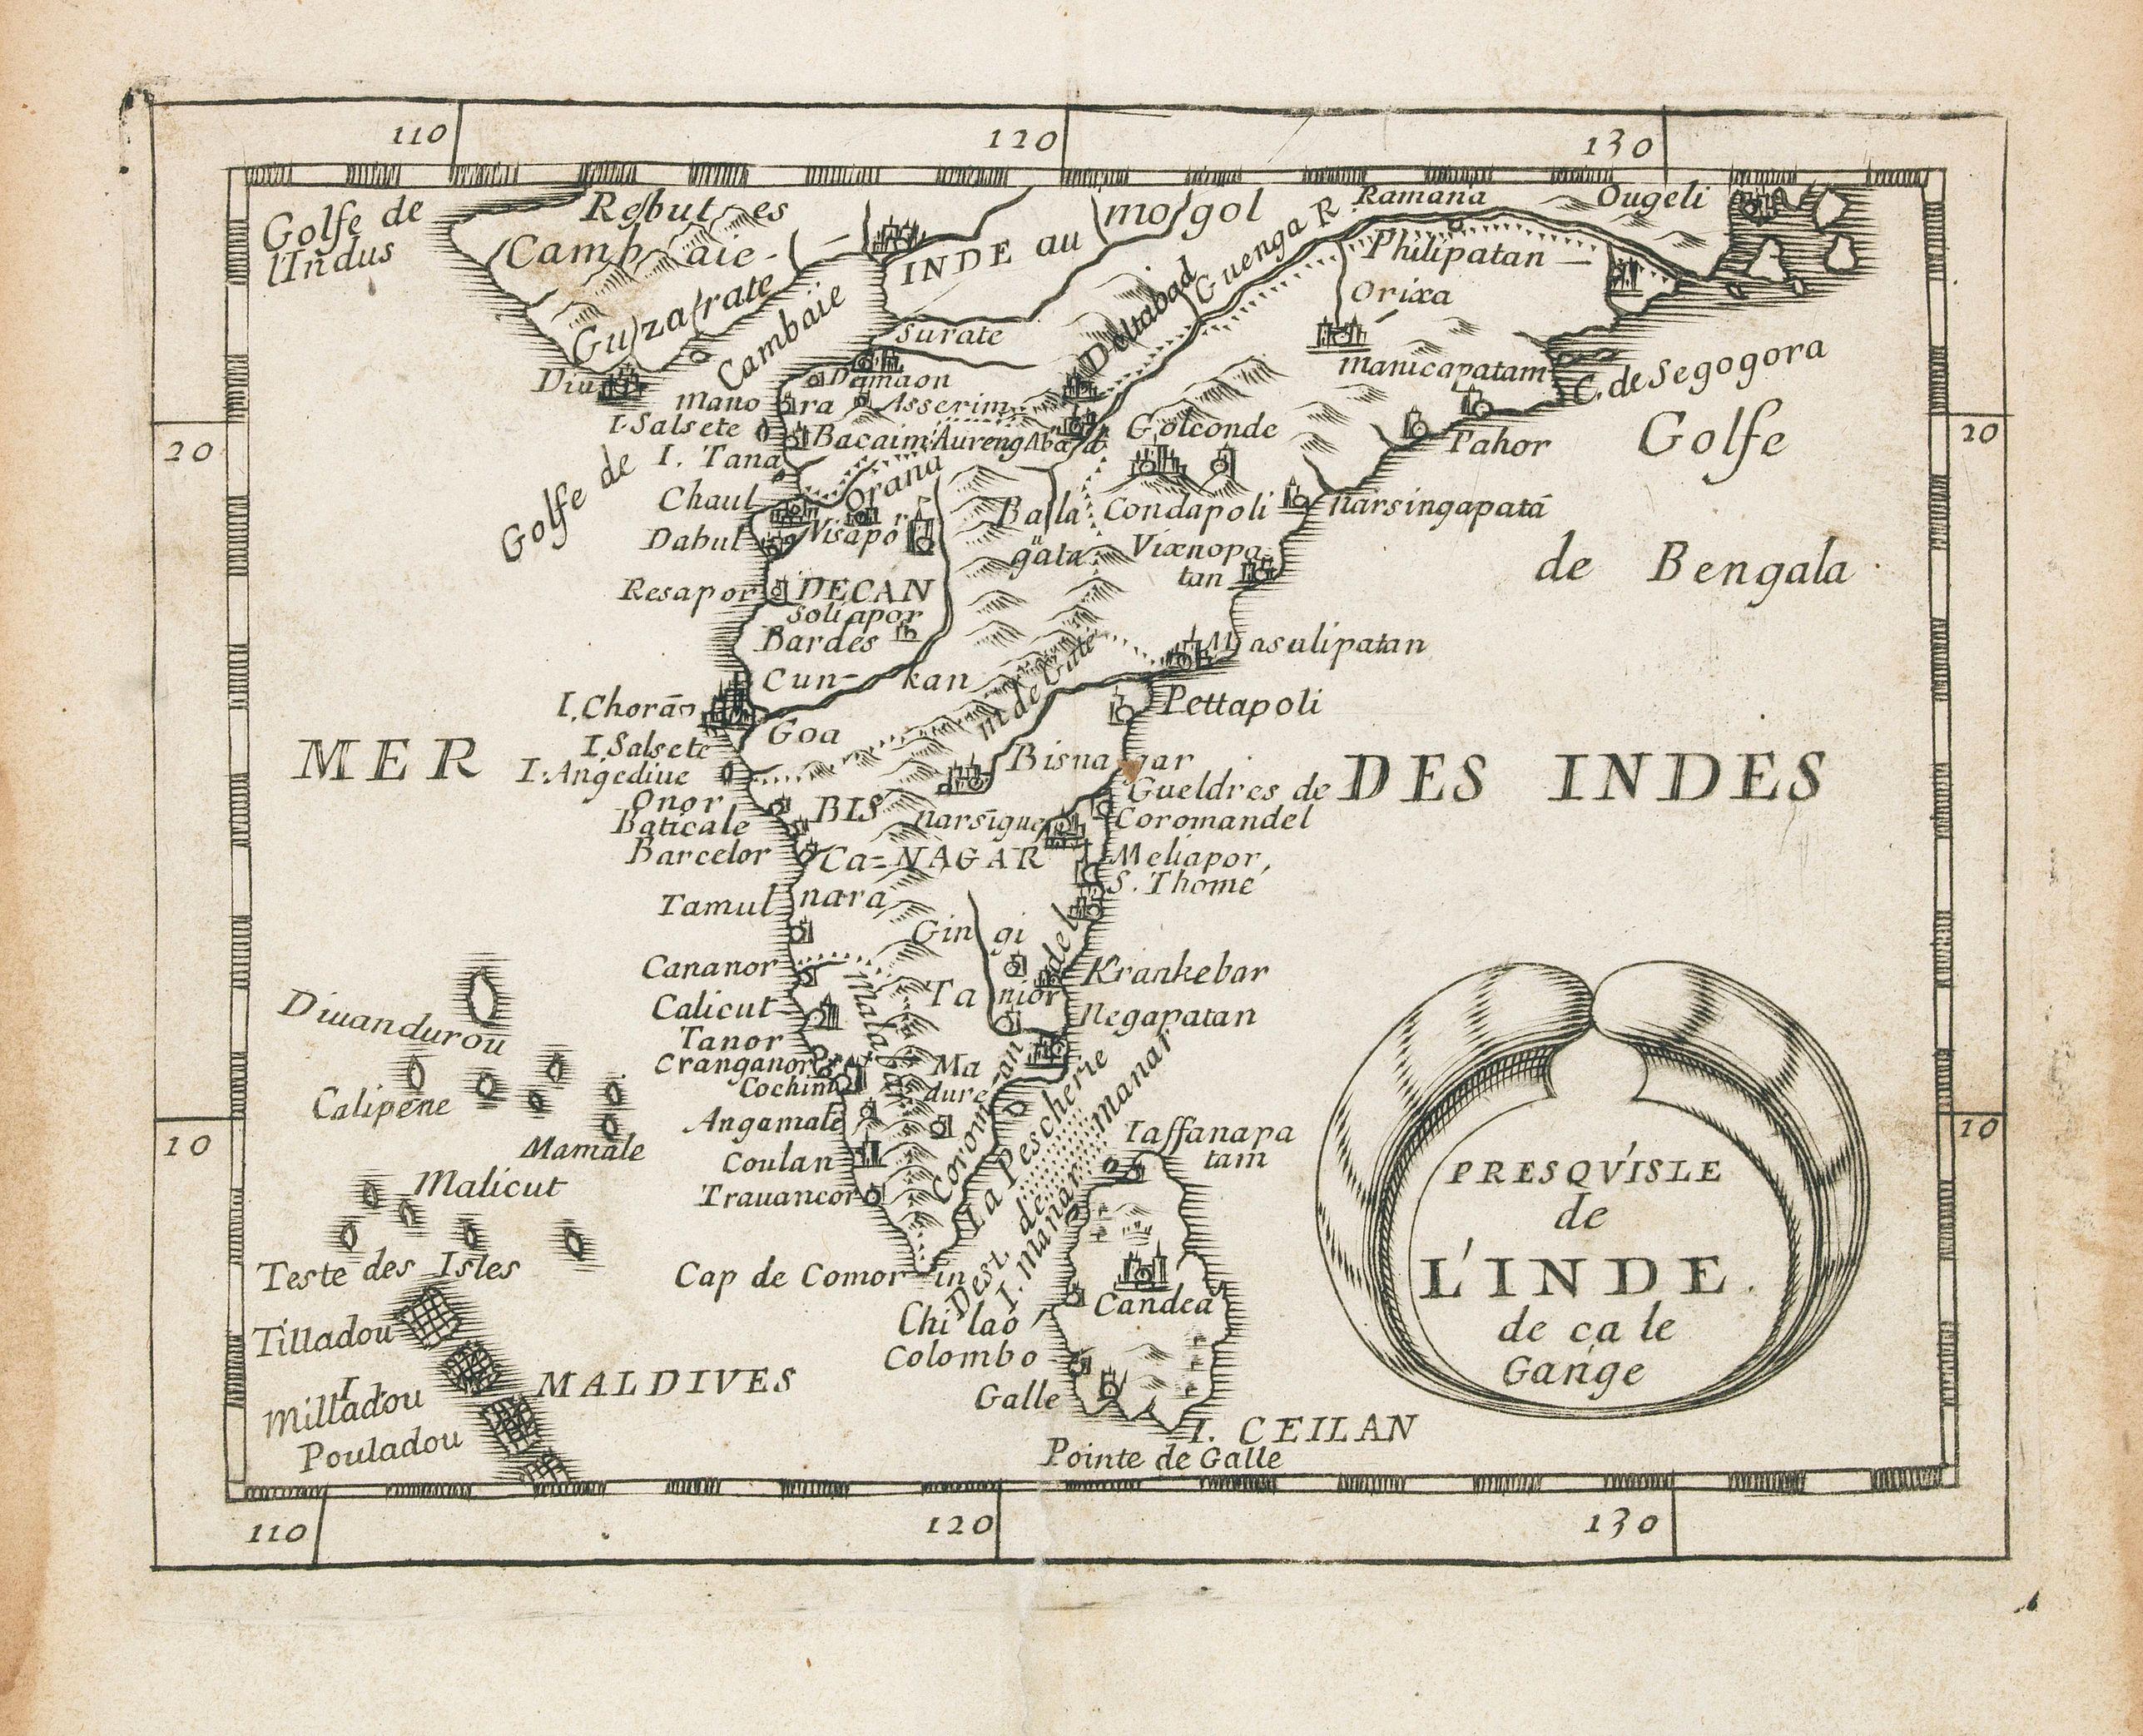 Carte De Linde De Lest.Old Map By Du Val Presqu Isle De L Inde De Ca Le Gange